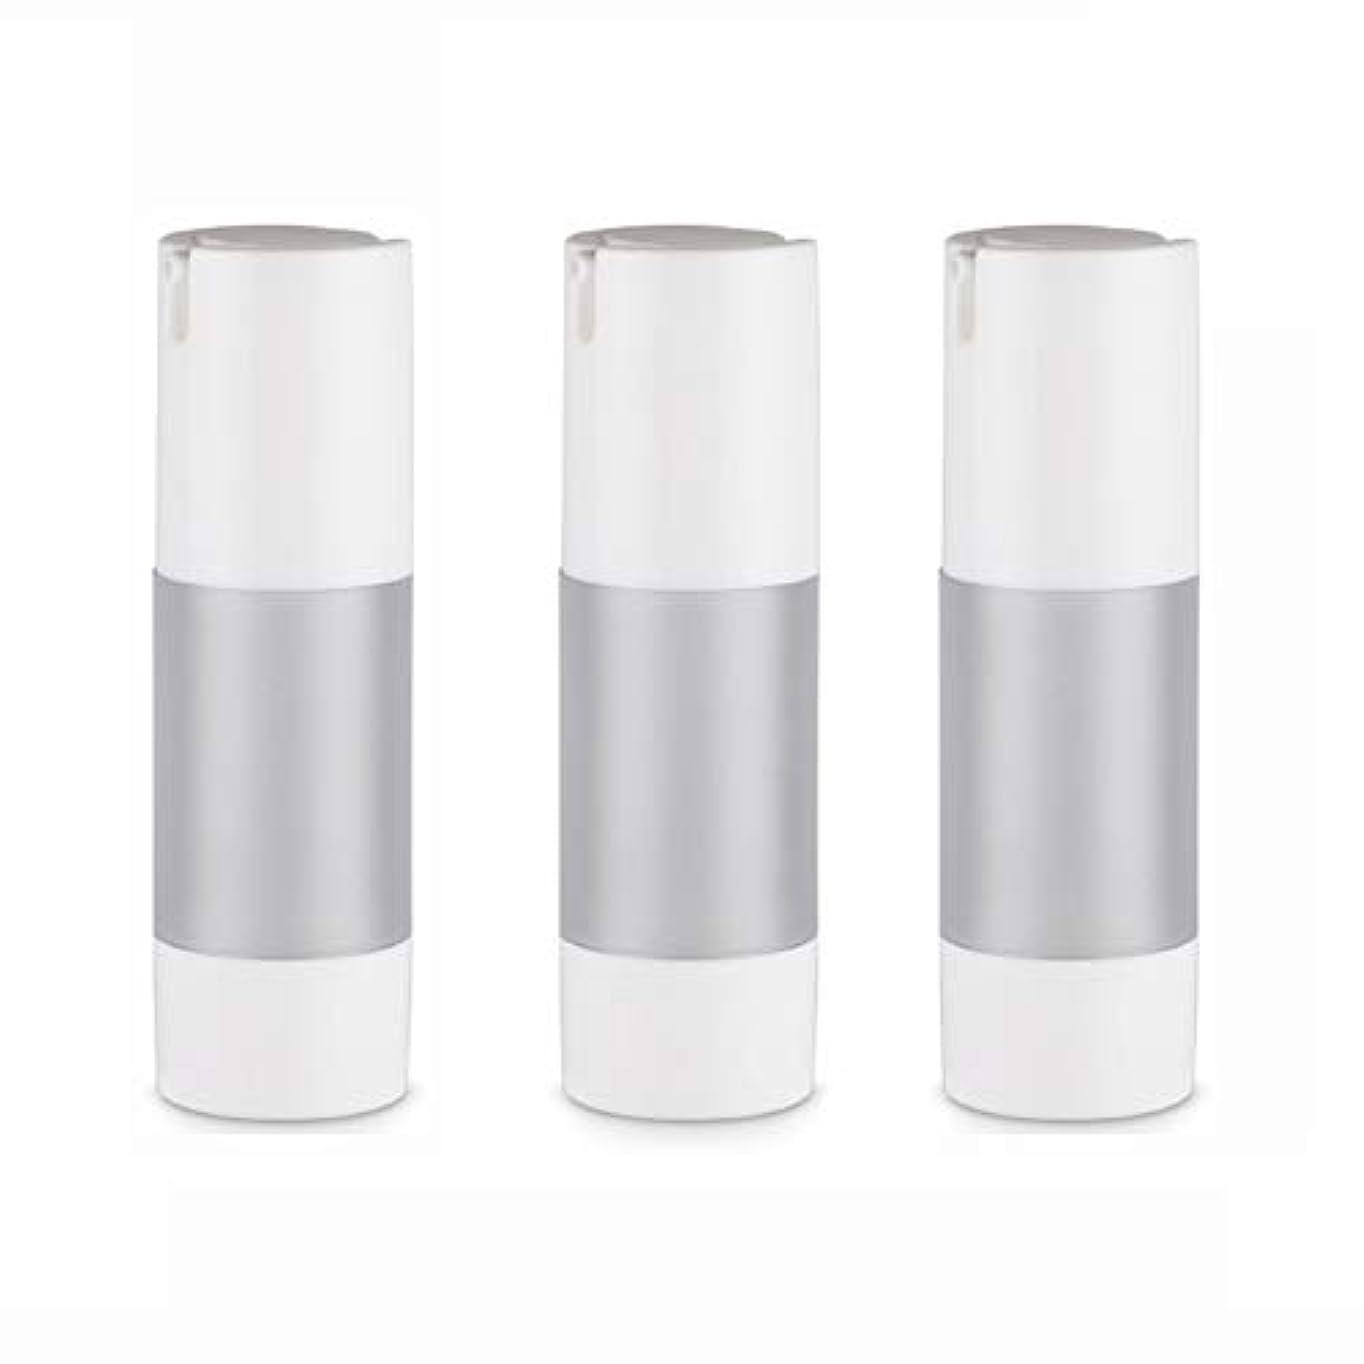 肥料メニュー宇宙の小分けボトル 乳液 3本セット ディスペンサー ボトル シャンプー ボディーソープ ポンプボトル 真空 ボトル 詰替用ボトル 旅行用 (乳液30ml)